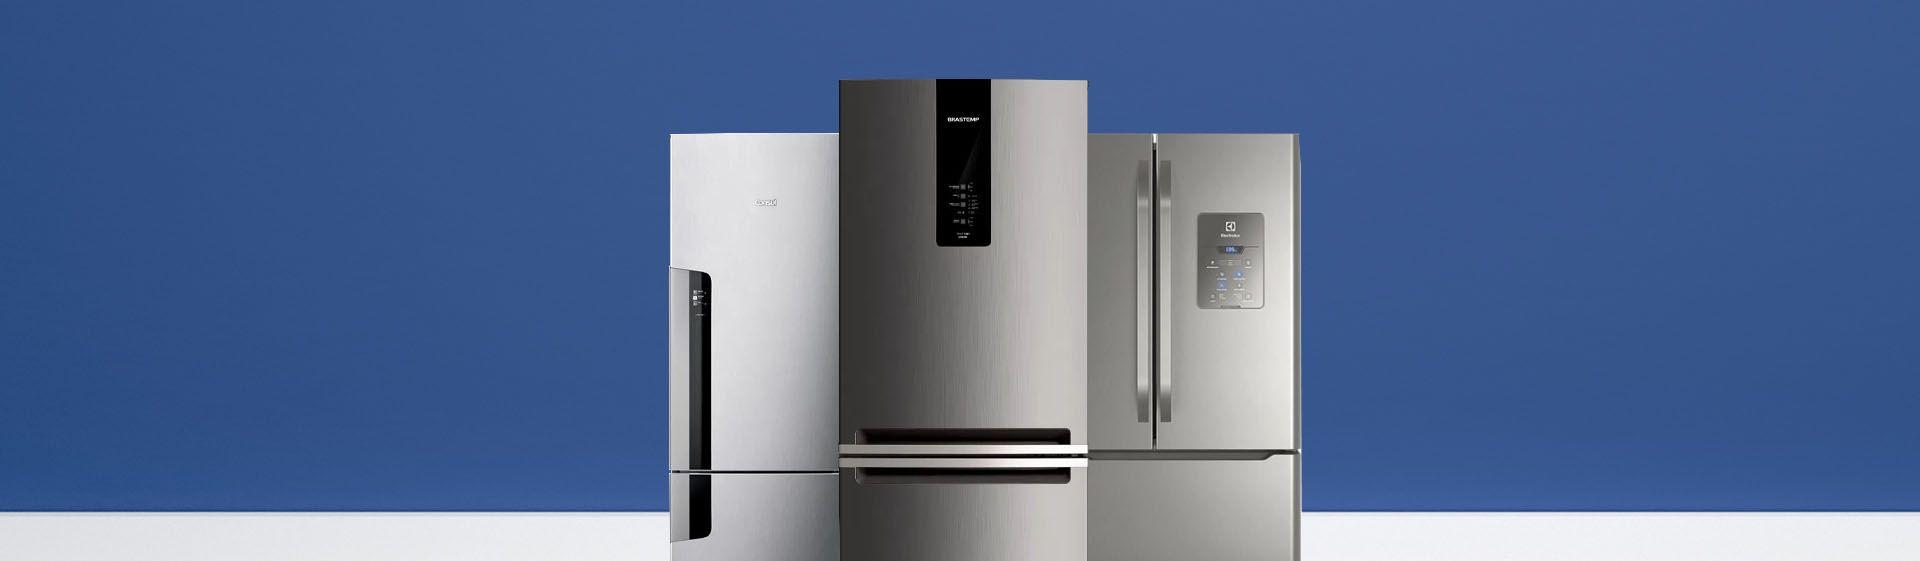 Melhores geladeiras de 2021: modelos que valem a pena o investimento